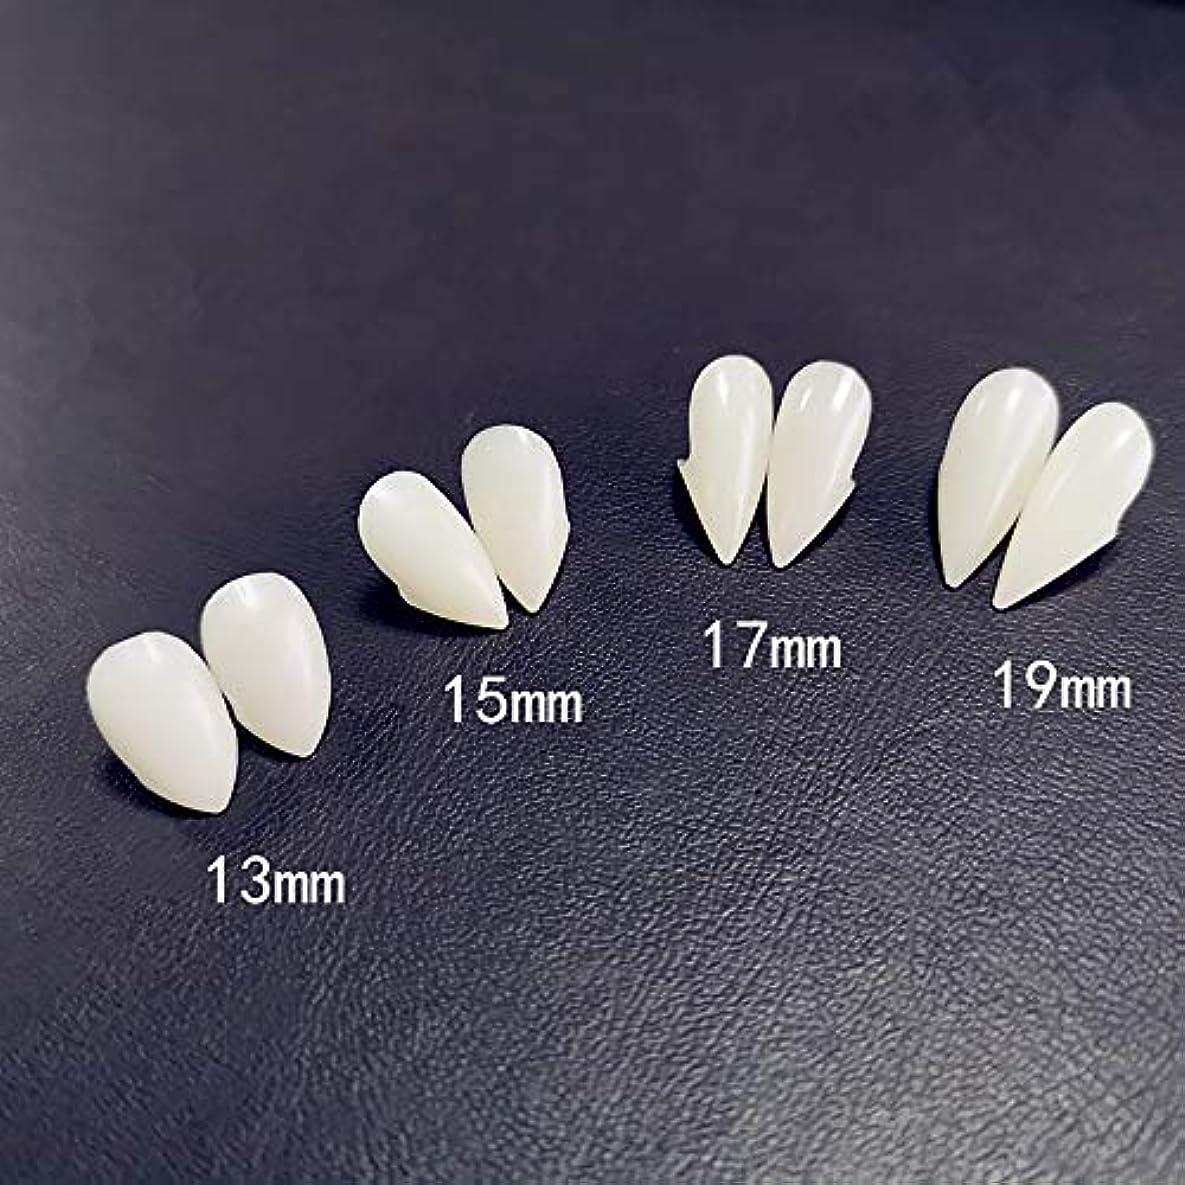 急性に慣れまだら6ペア牙キット歯の入れ歯歯の牙入れ歯小道具ハロウィーンの衣装小道具パーティーの好意休日DIYの装飾ホラー大人のための子供,17mm